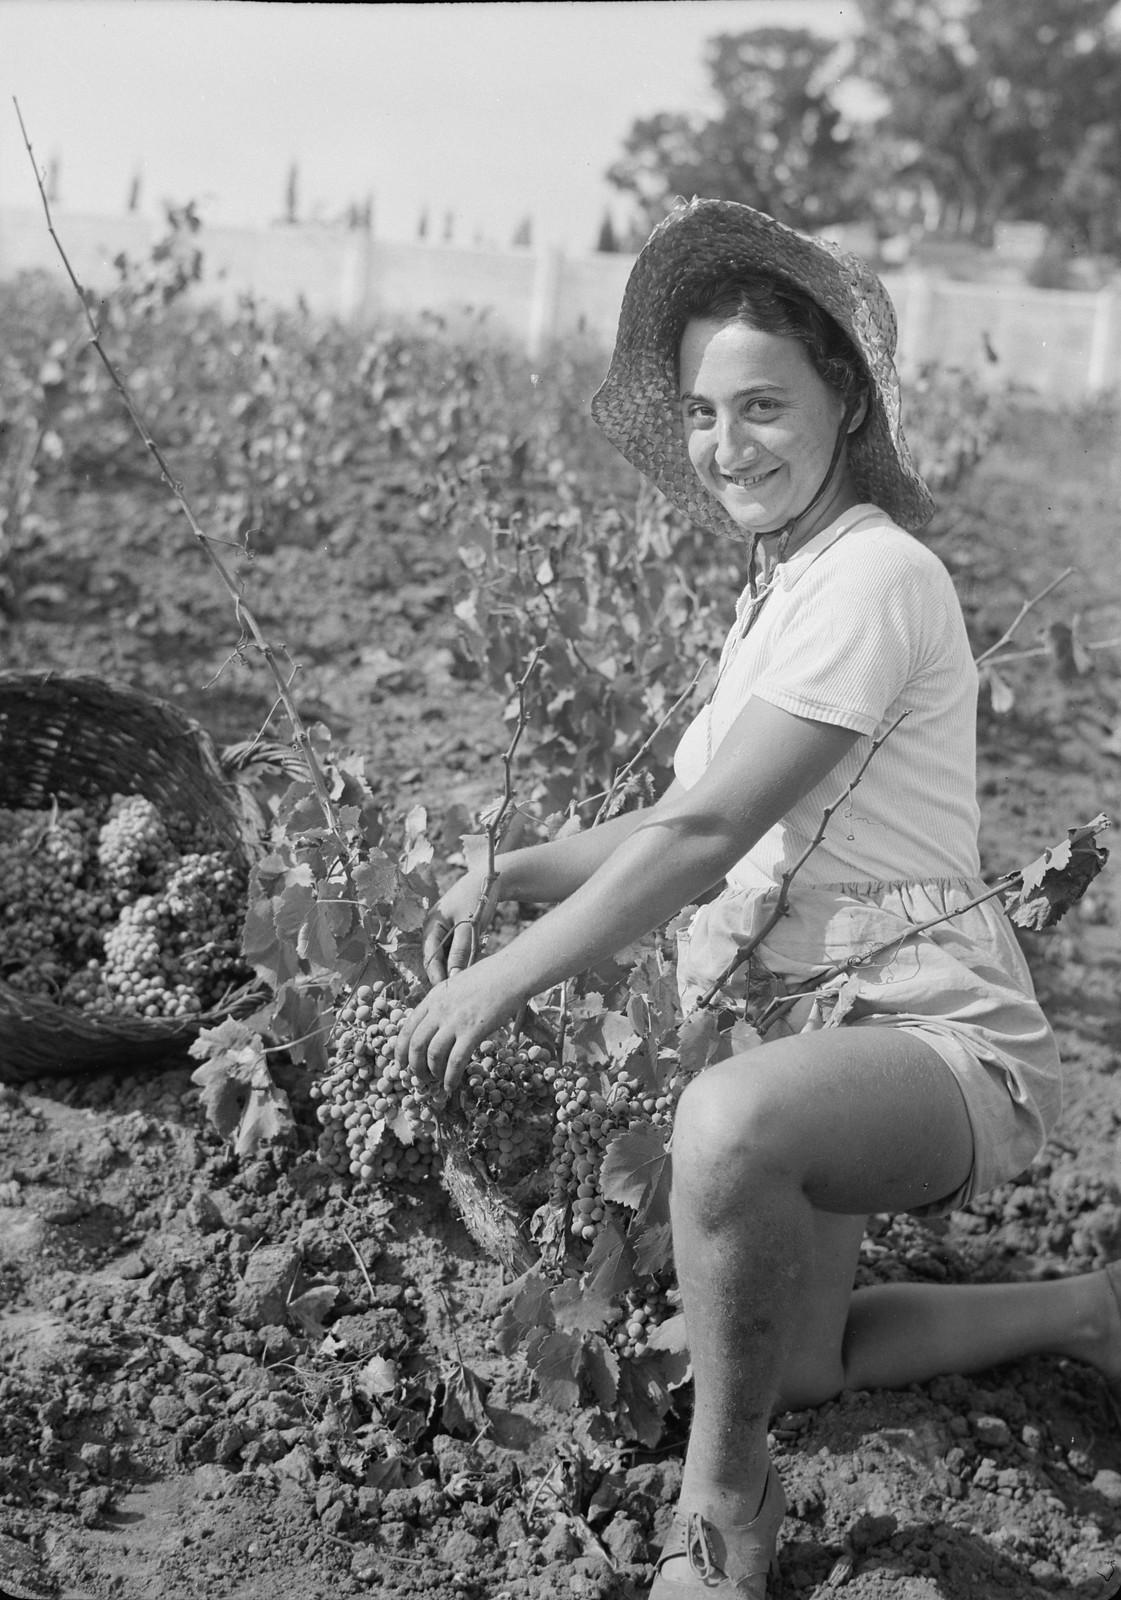 01. Сборщица винограда, европейская девушка-иммигрантка